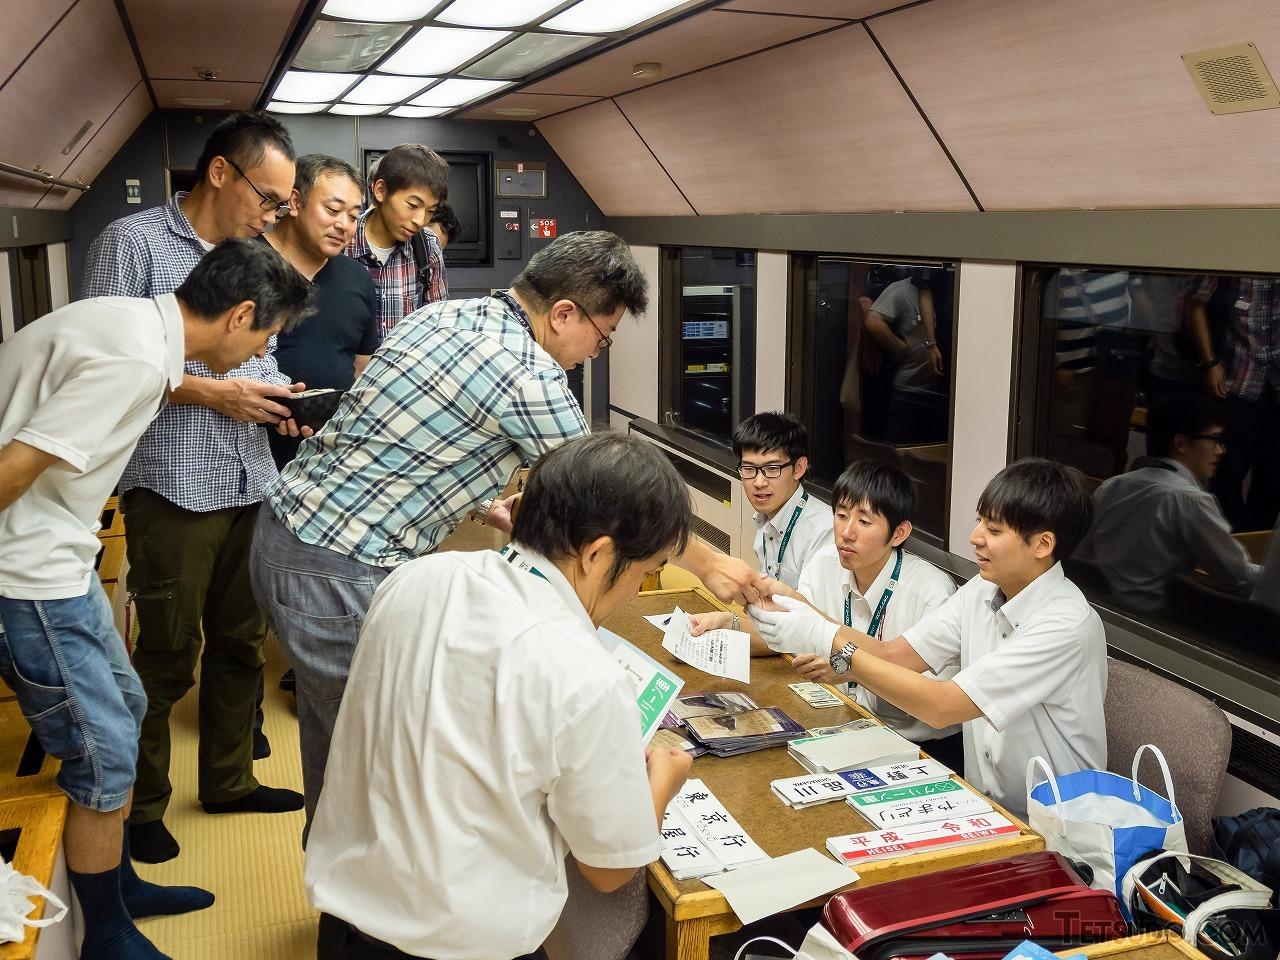 フリースペースの1号車で行われたグッズ販売。放送による案内と同時に、大勢の参加者が列を作りました